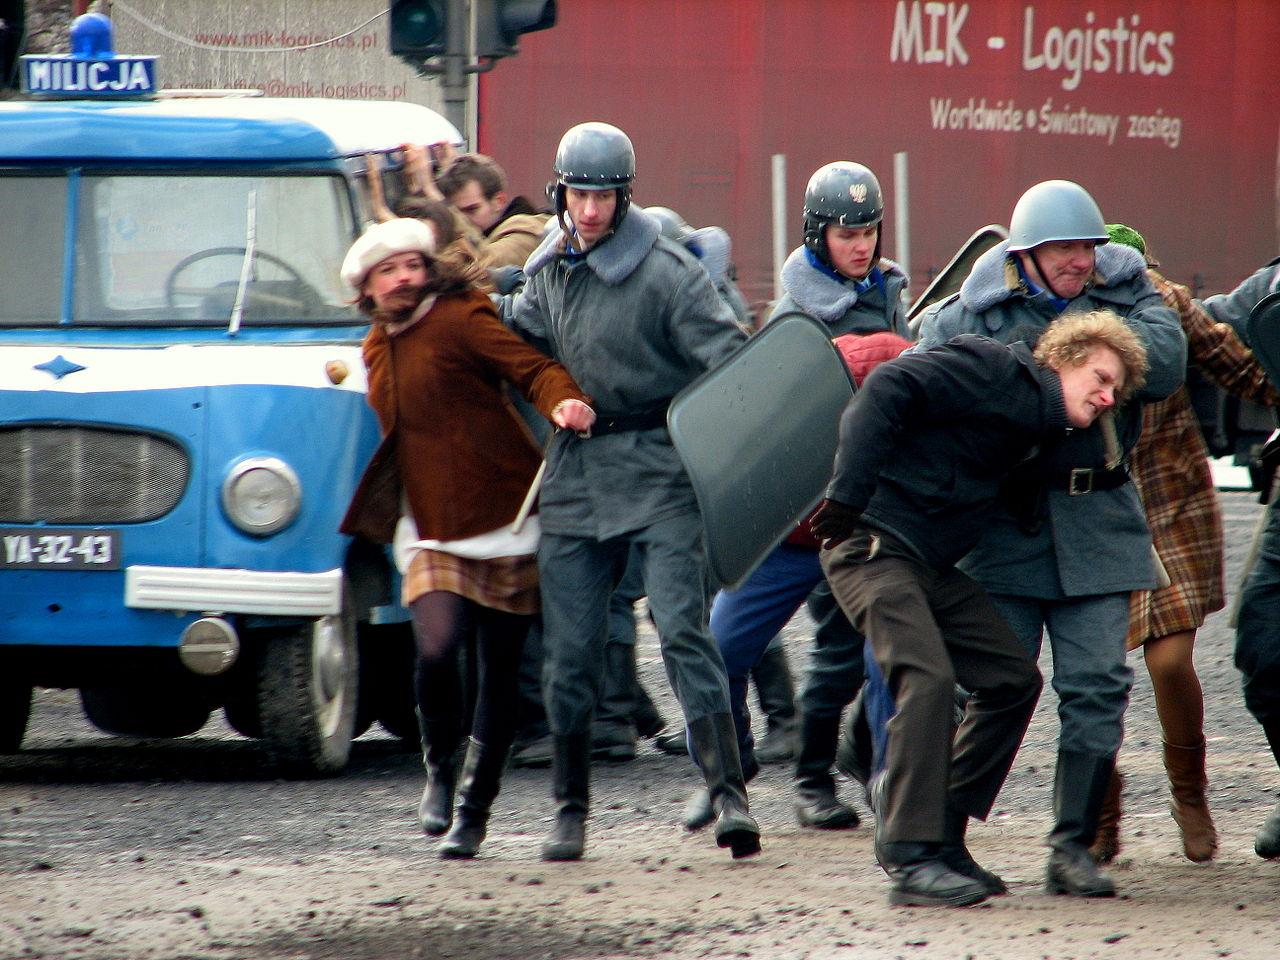 Filmmaking of 'Black Thursday' on crossway of ulica Świętojańska and Aleja Józefa Piłsudskiego in Gdynia - 076.jpg